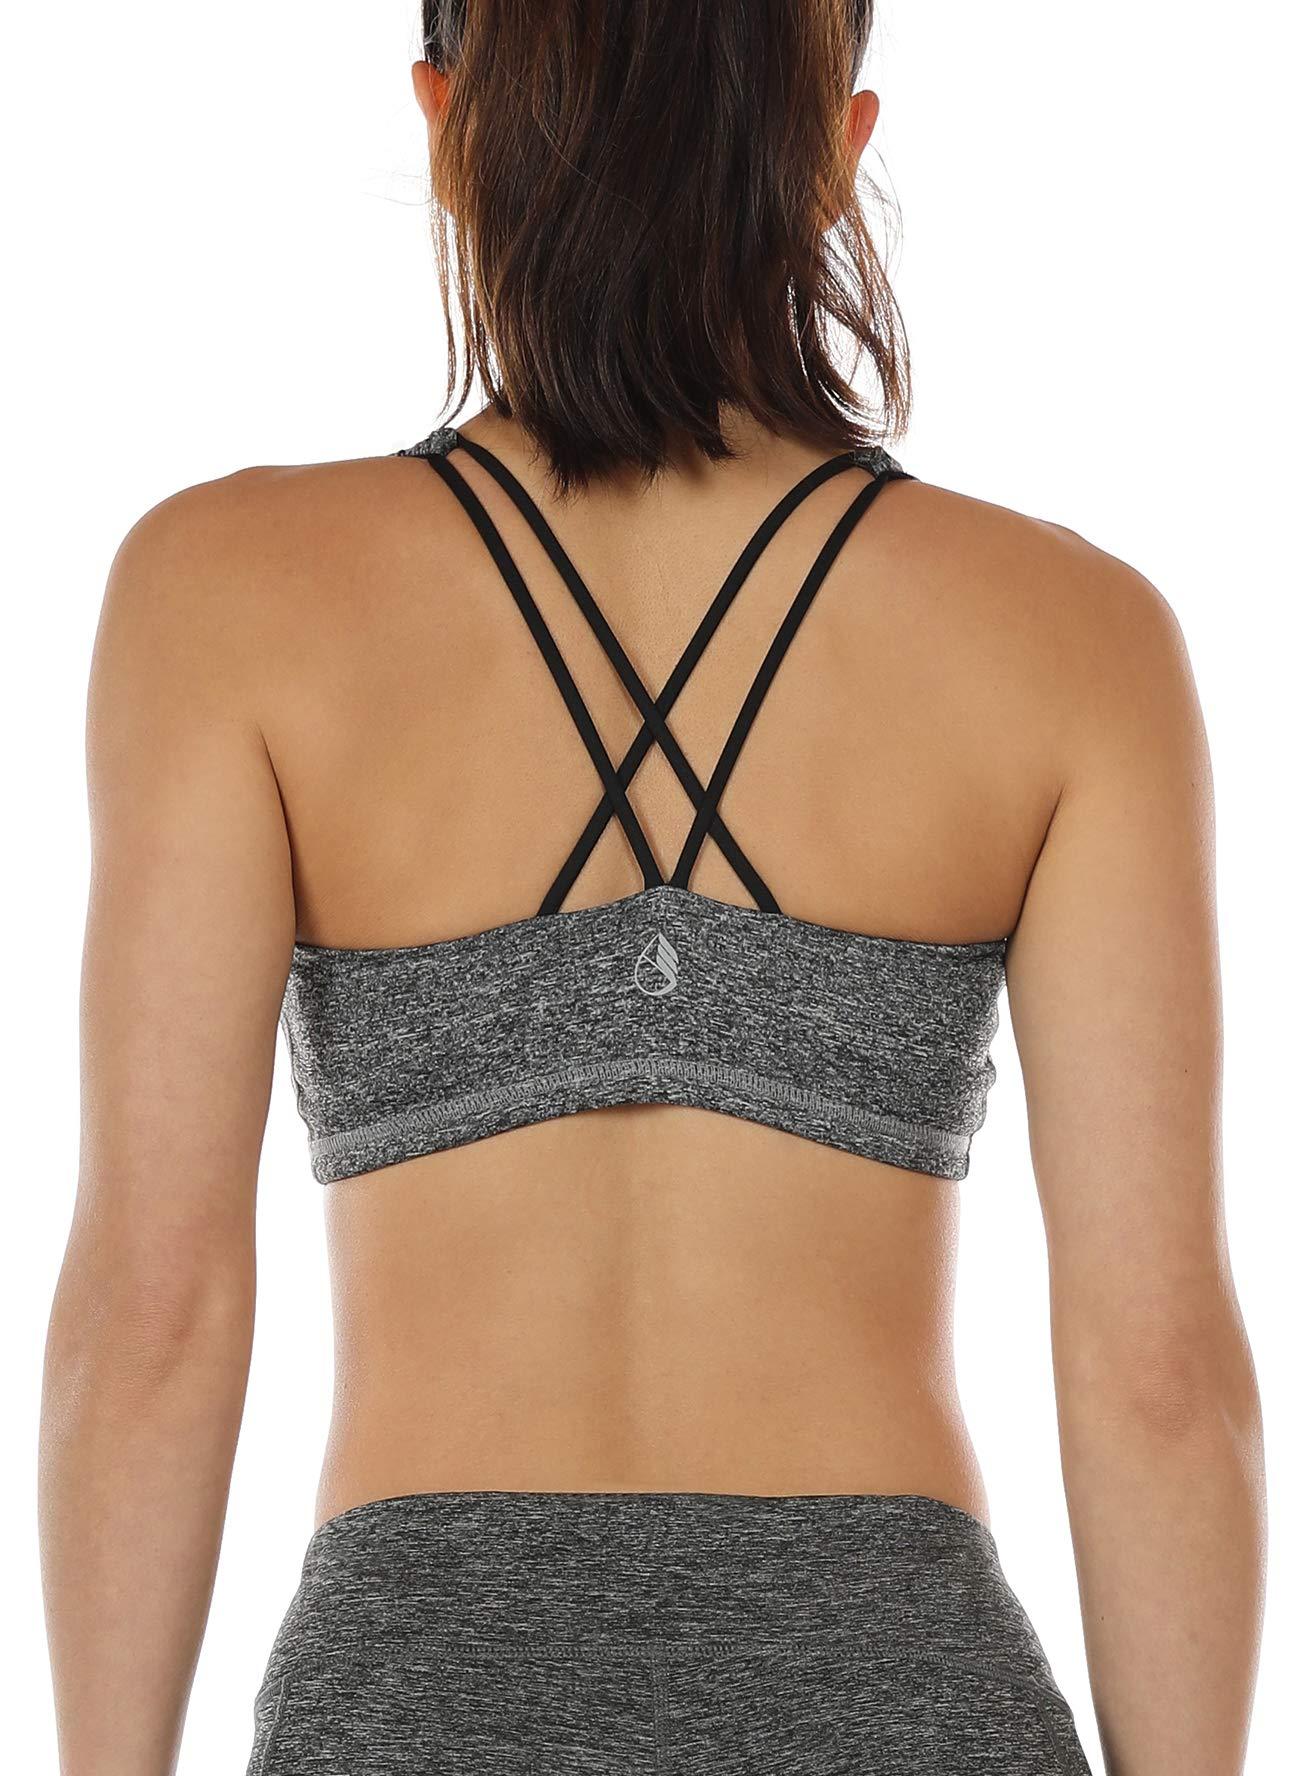 icyzone Sports Bra for Women - Women's Workout